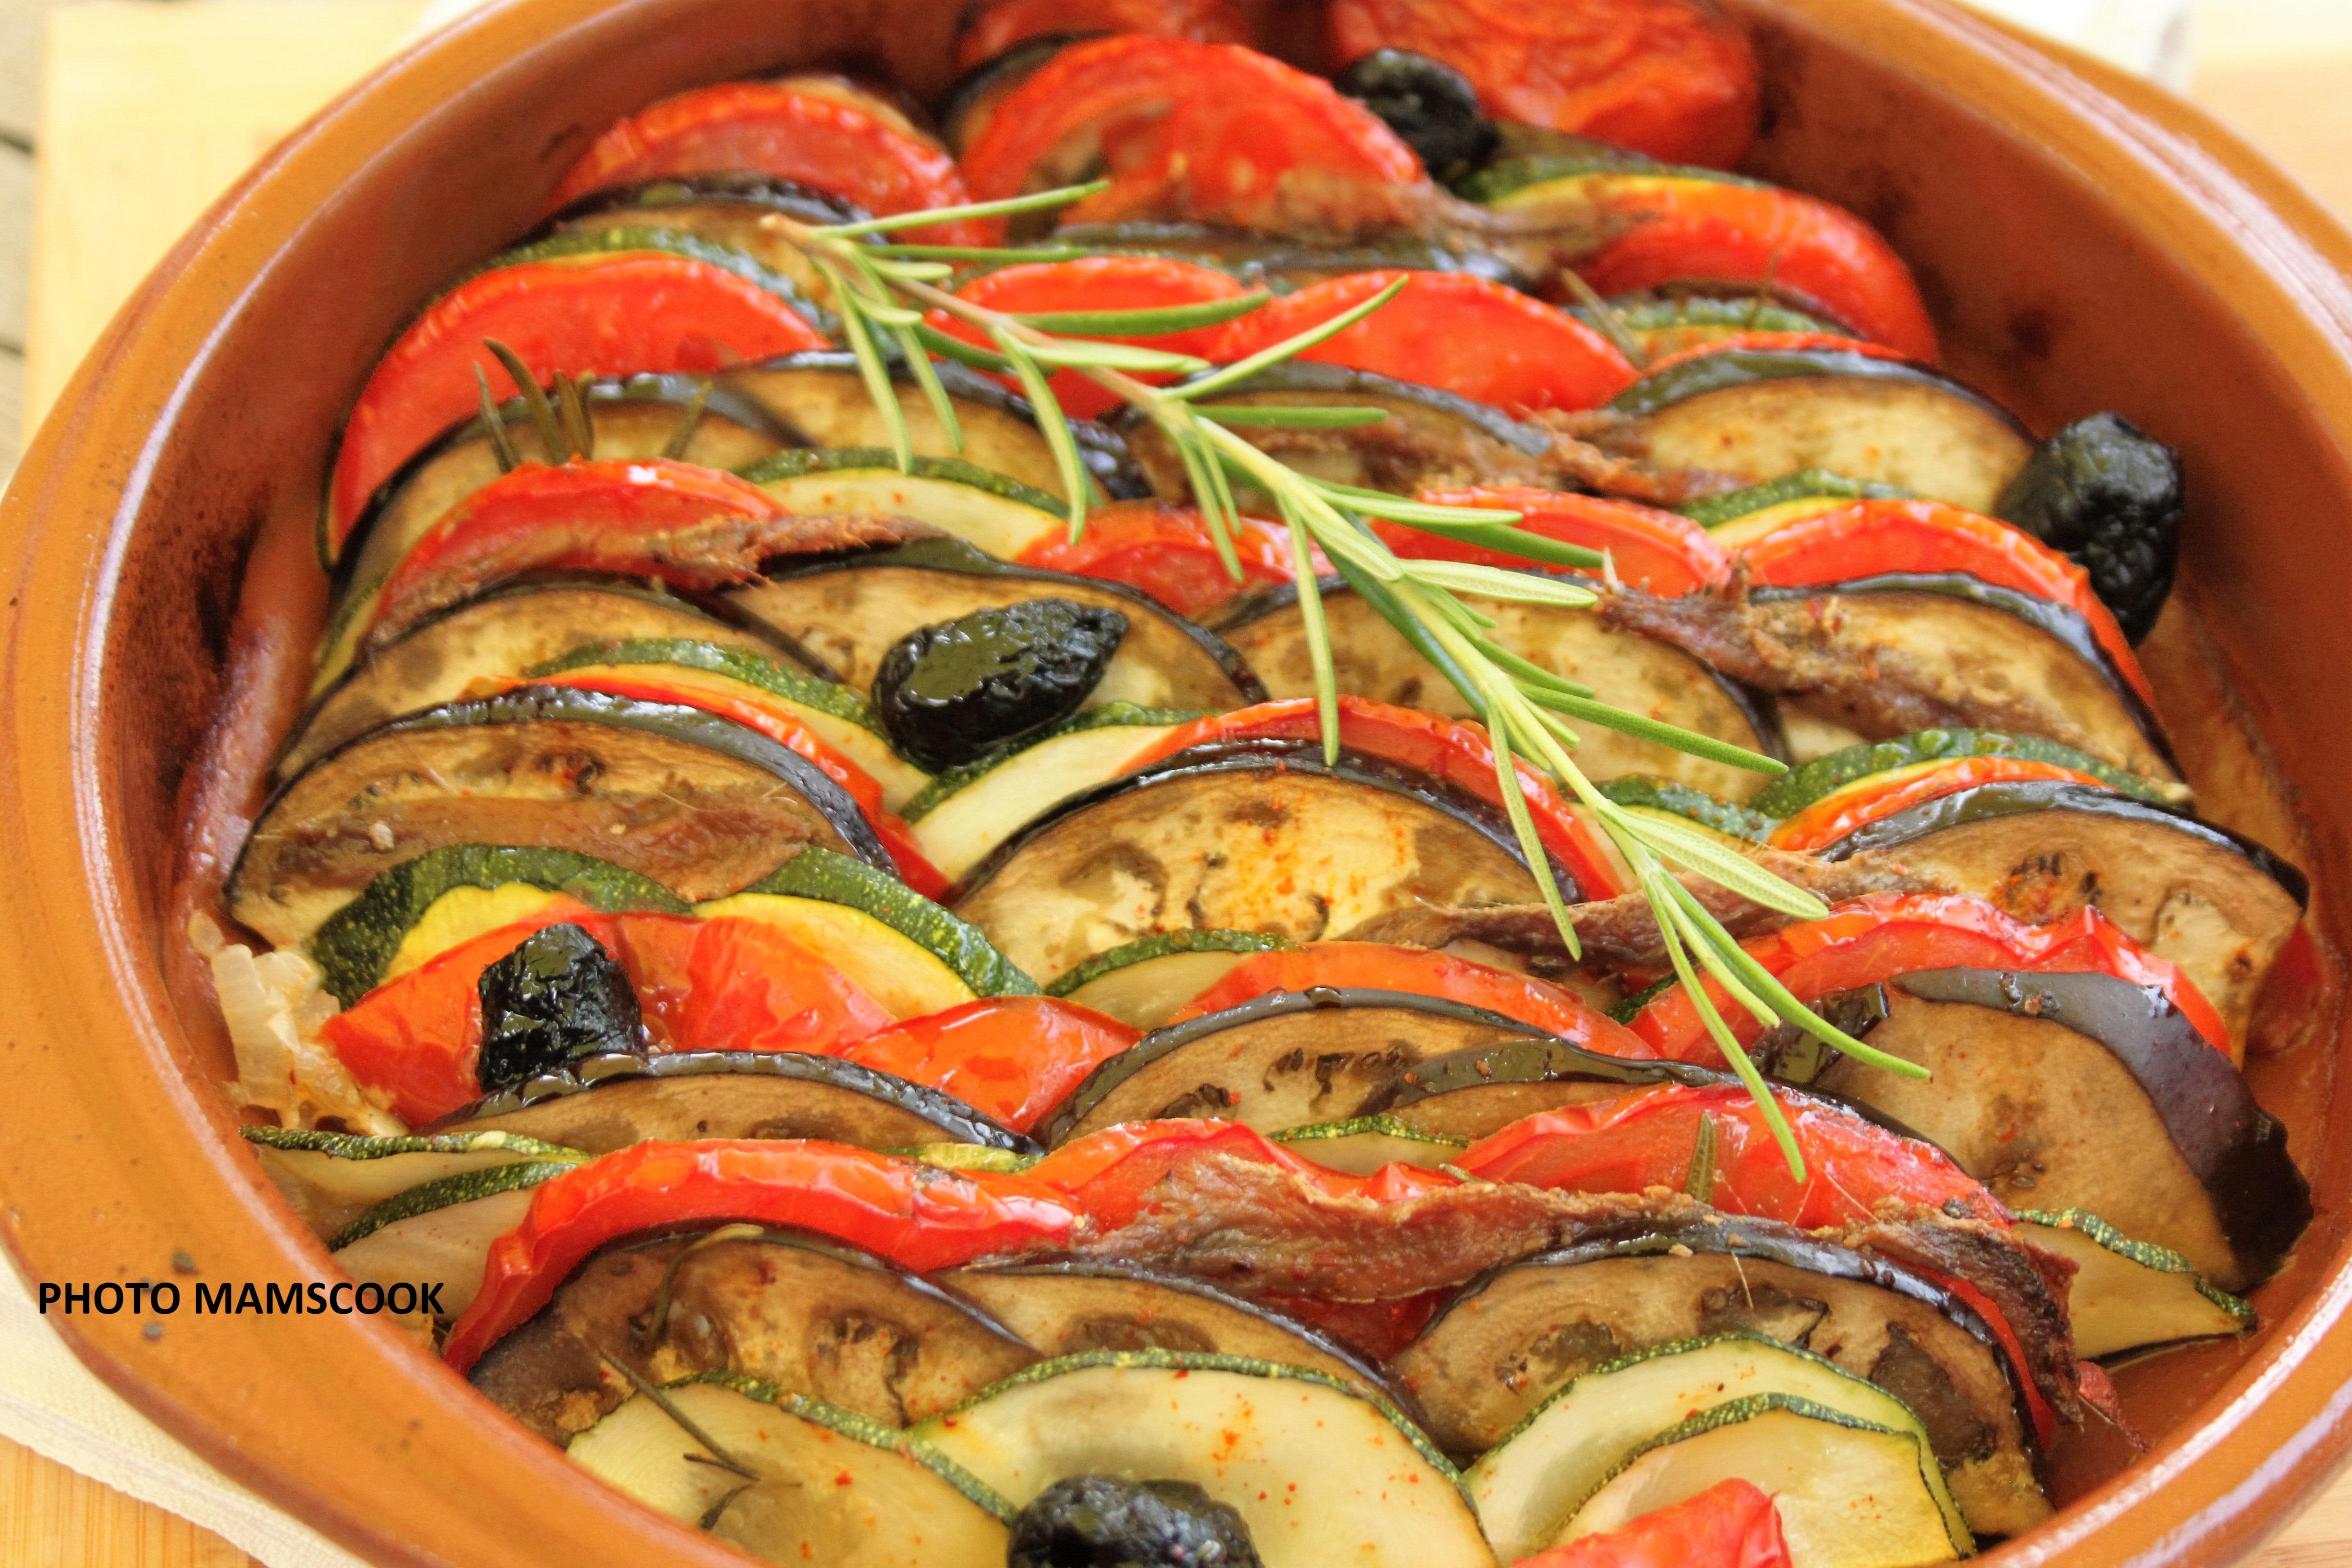 Recette Facile Du Tian Provencal tian provençal aux olives, aux anchois et au romarin